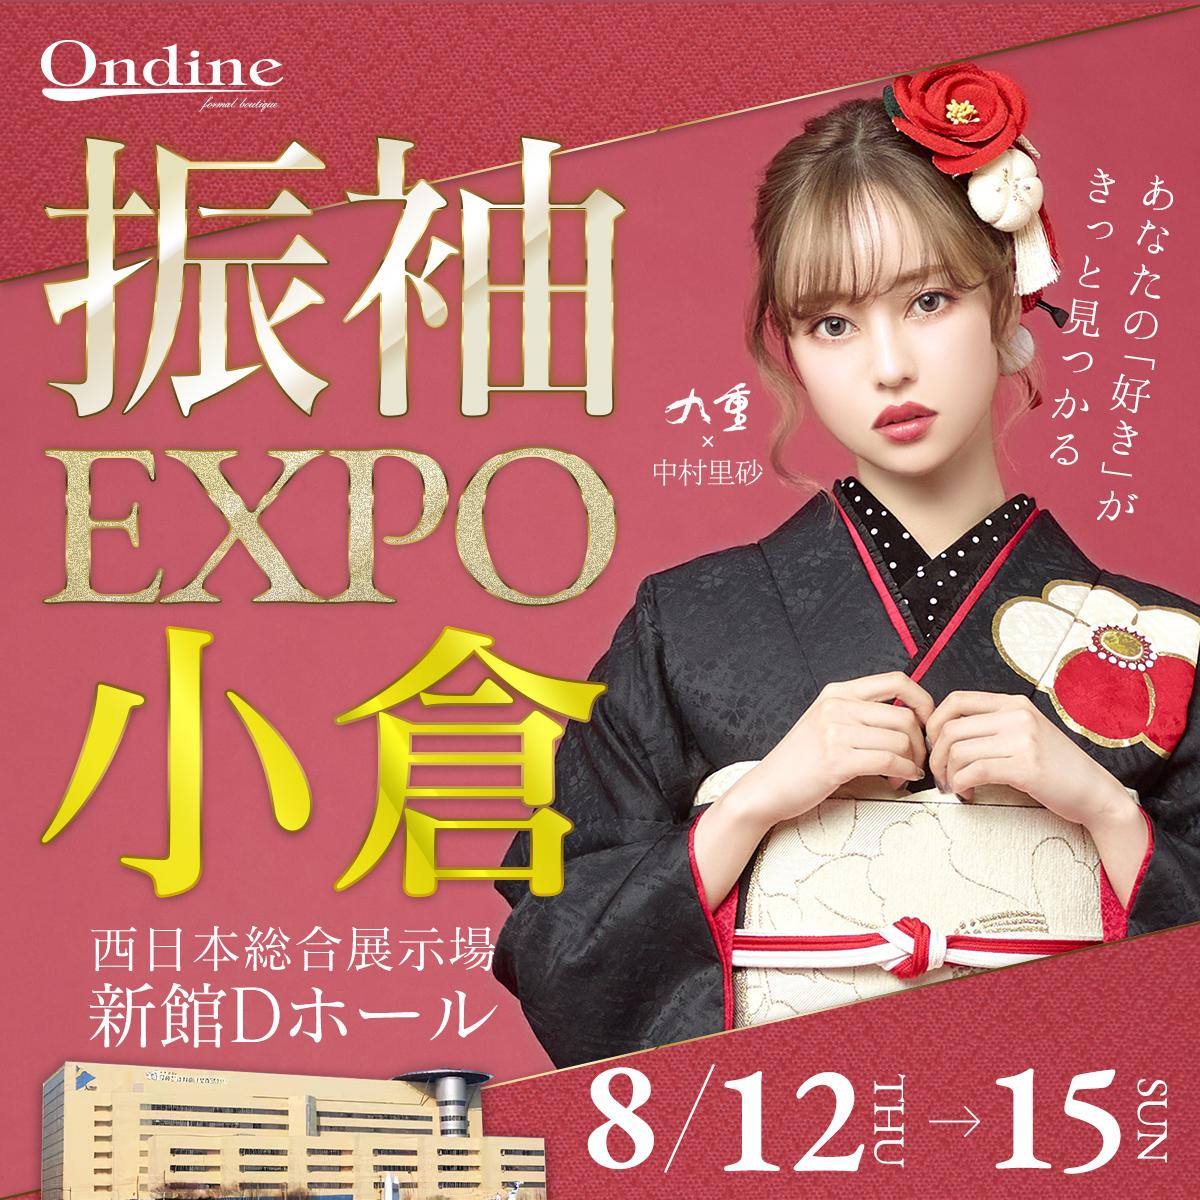 【振袖EXPO】特別な4日間!西日本総合展示場 新館Dホールで運命の一着が見つかる♪